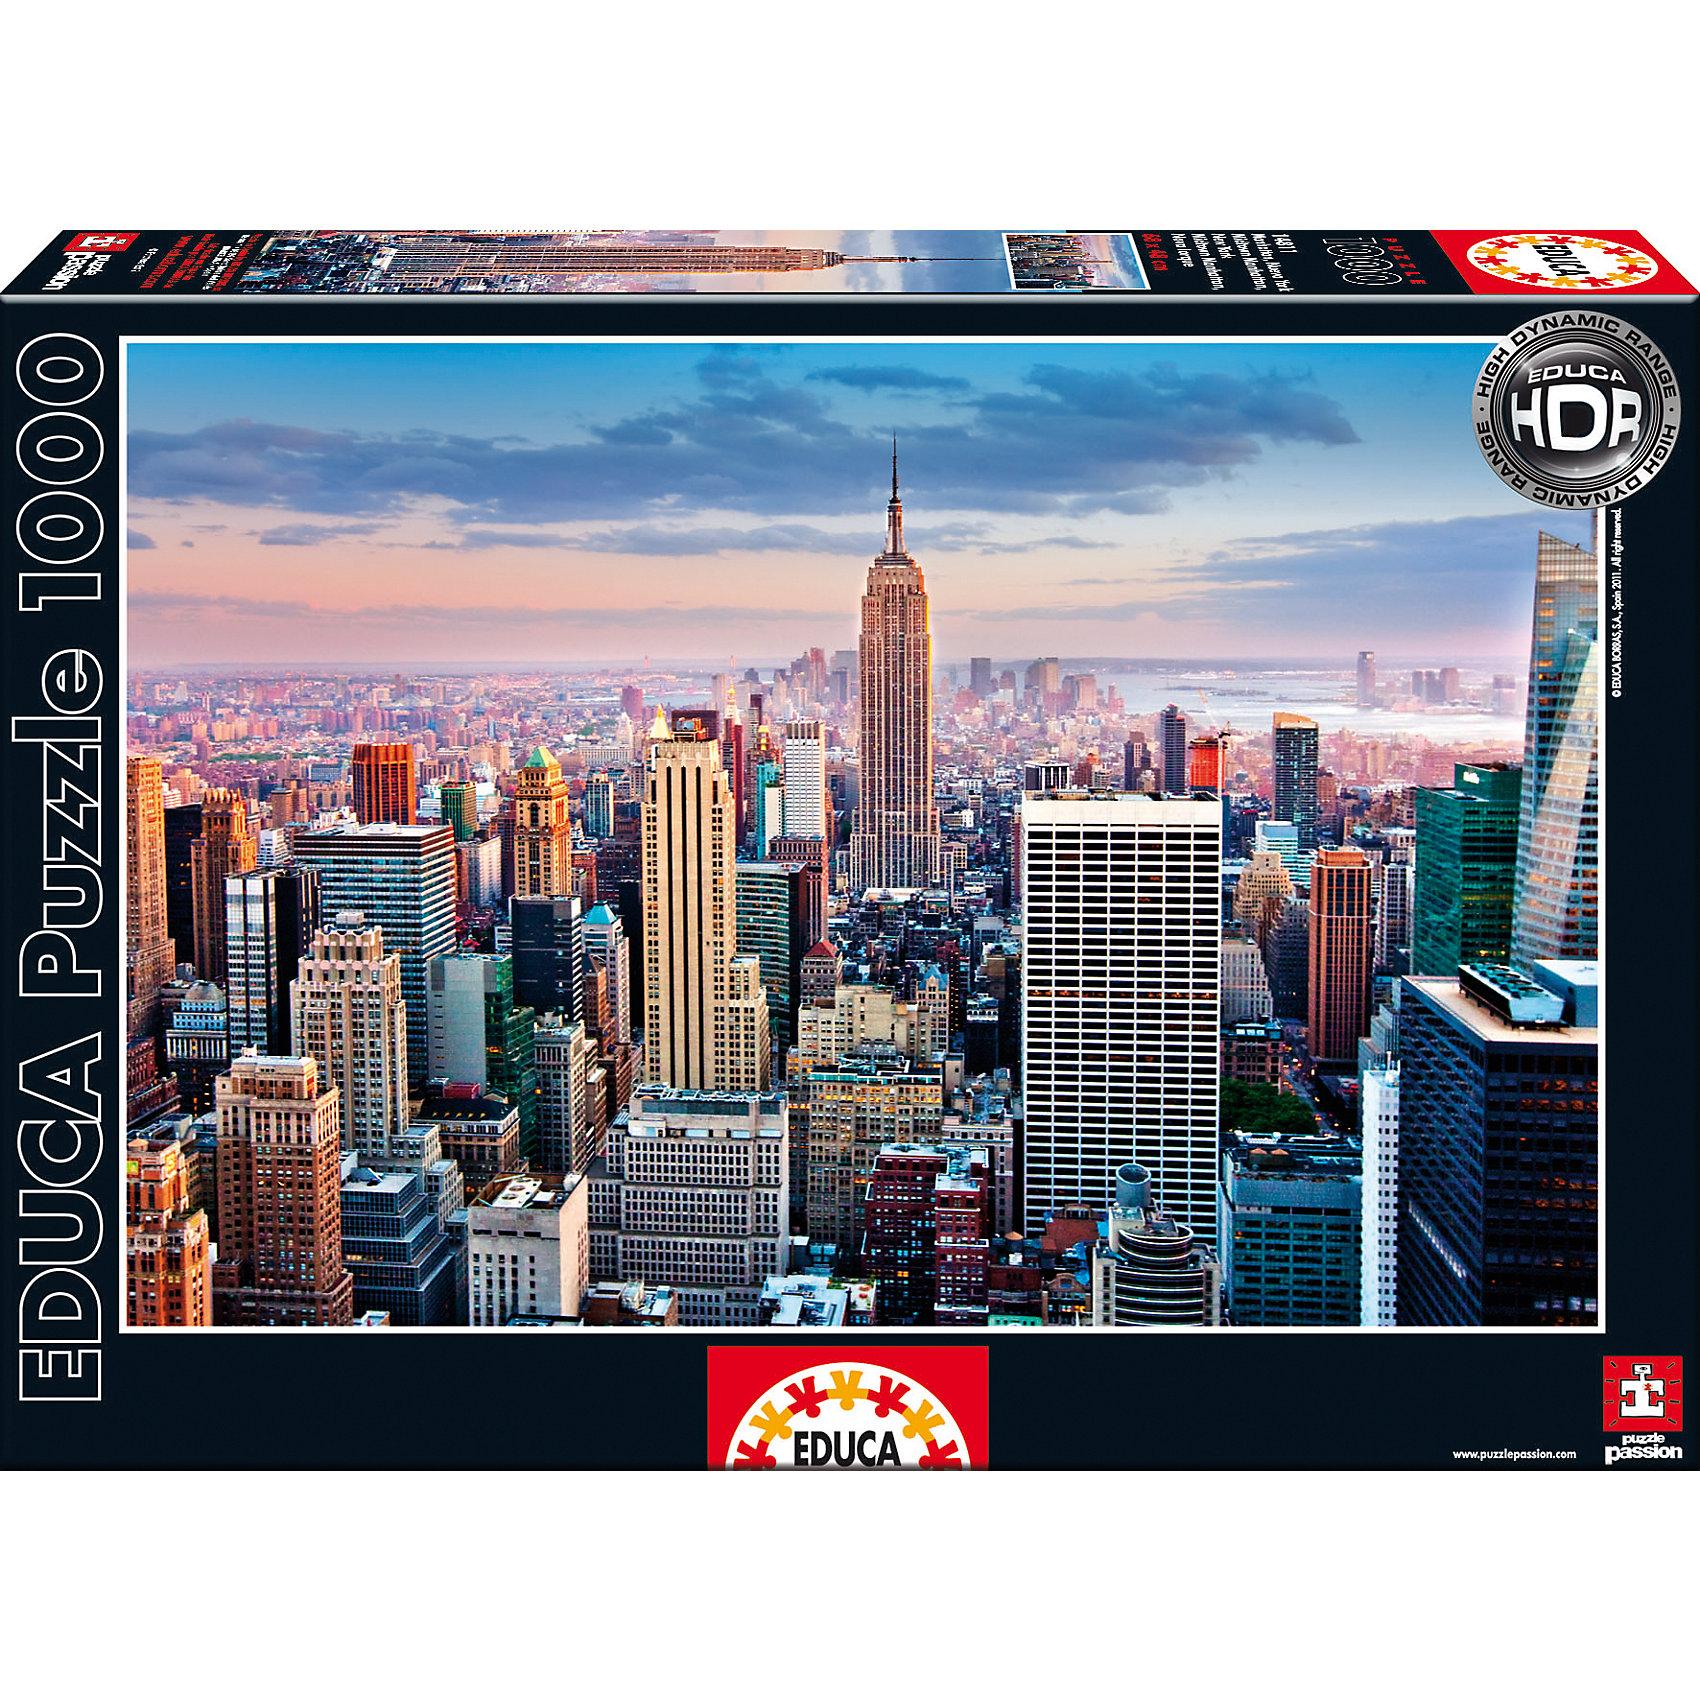 Пазл Манхеттен, Нью-Йорк, 1000 деталей, EducaПазл Манхеттен, Нью-Йорк, 1000 деталей, Educa (Эдука).<br><br>Характеристики:<br><br>• Размер упаковки: 370х270х55 мм.<br>• Вес: 768г.<br>• Тип : пазл-мозаика.<br>• Возраст: с 11лет.<br>• 1000 деталей.<br>• Размер собранной картинки: 48 х 68 см.<br>• ISBN: 8412668148116<br>• Материал: картон.<br><br>Пазл Манхеттен, Нью-Йорк, 1000 деталей, Educa(Эдука) это великолепный подарок, как для ребенка, так и для взрослого. Большой увлекательный пазл объединит всю семью за интересным занятием, отвлечет от повседневных дел, обучит терпению и внимательности. Пазлы Educa(Эдука)– это не только яркие, интересные изображения, но и высочайшее качество продукции. <br><br>Каждый пазл фирмы Educa (Эдука)изготовлен и упакован с большой тщательностью. Особенности пазлов Educa (Эдука)отсутствие двух одинаковых деталей; части пазла идеально соединяются; прочные детали не ломаются; изготовлены из экологического сырья.<br><br>Пазл Манхеттен, Нью-Йорк, 1000 деталей, Educa(Эдука), можно купить в нашем интернет – магазине.<br><br>Ширина мм: 270<br>Глубина мм: 370<br>Высота мм: 55<br>Вес г: 768<br>Возраст от месяцев: 36<br>Возраст до месяцев: 2147483647<br>Пол: Унисекс<br>Возраст: Детский<br>SKU: 5436303